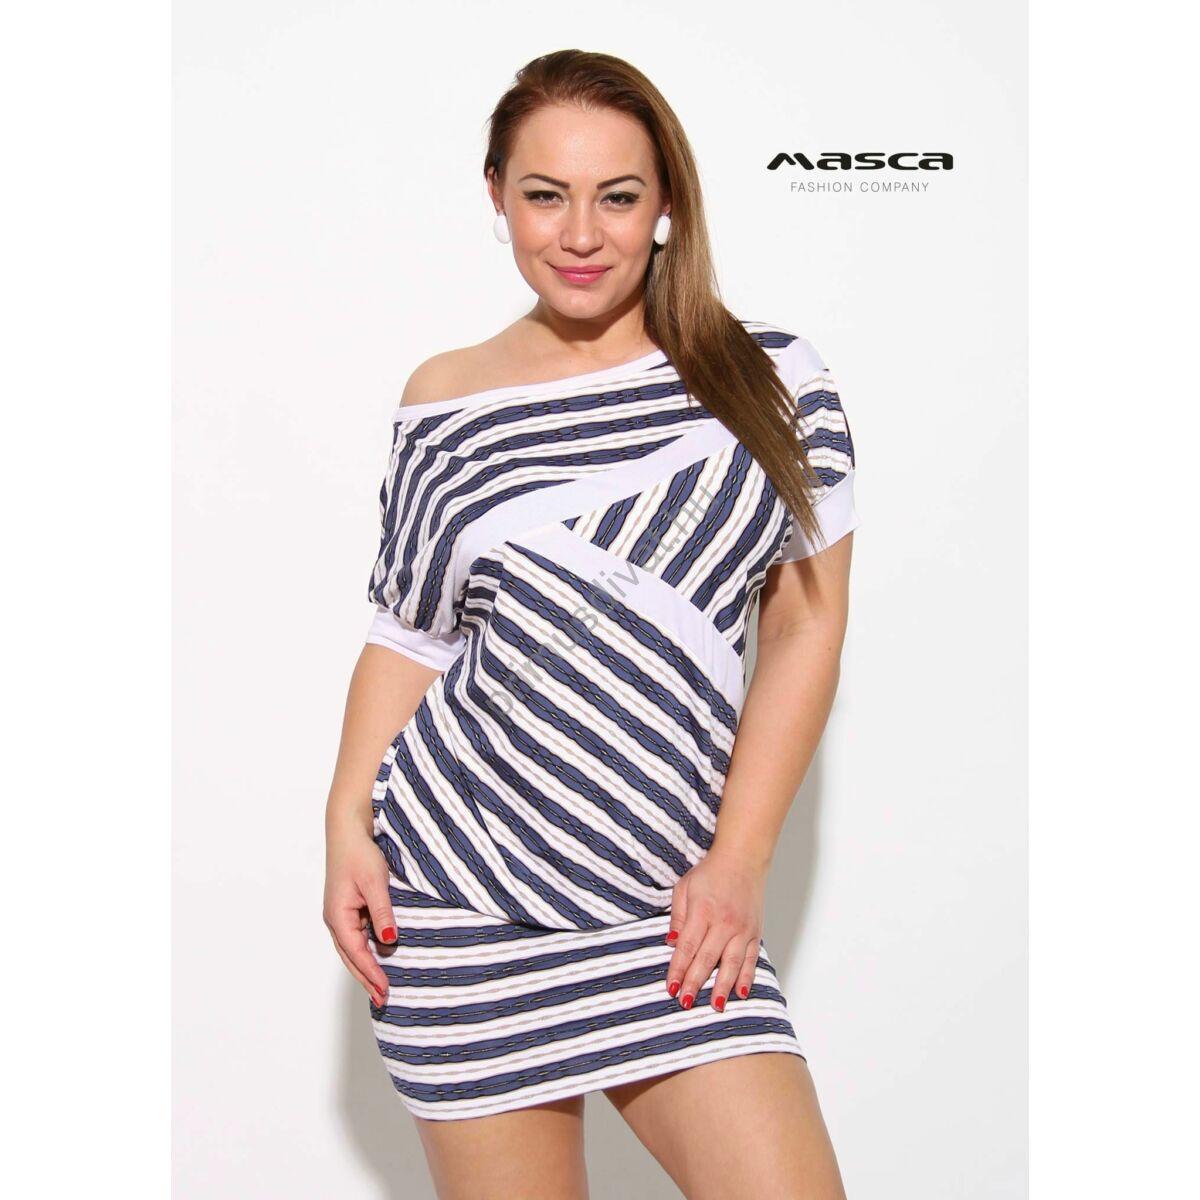 eba2159372 Kép 1/1 - Masca Fashion csónaknyakú, rövid denevérujjú, átlós kék-fehér  hullámos csíkos lezser tunika, miniruha